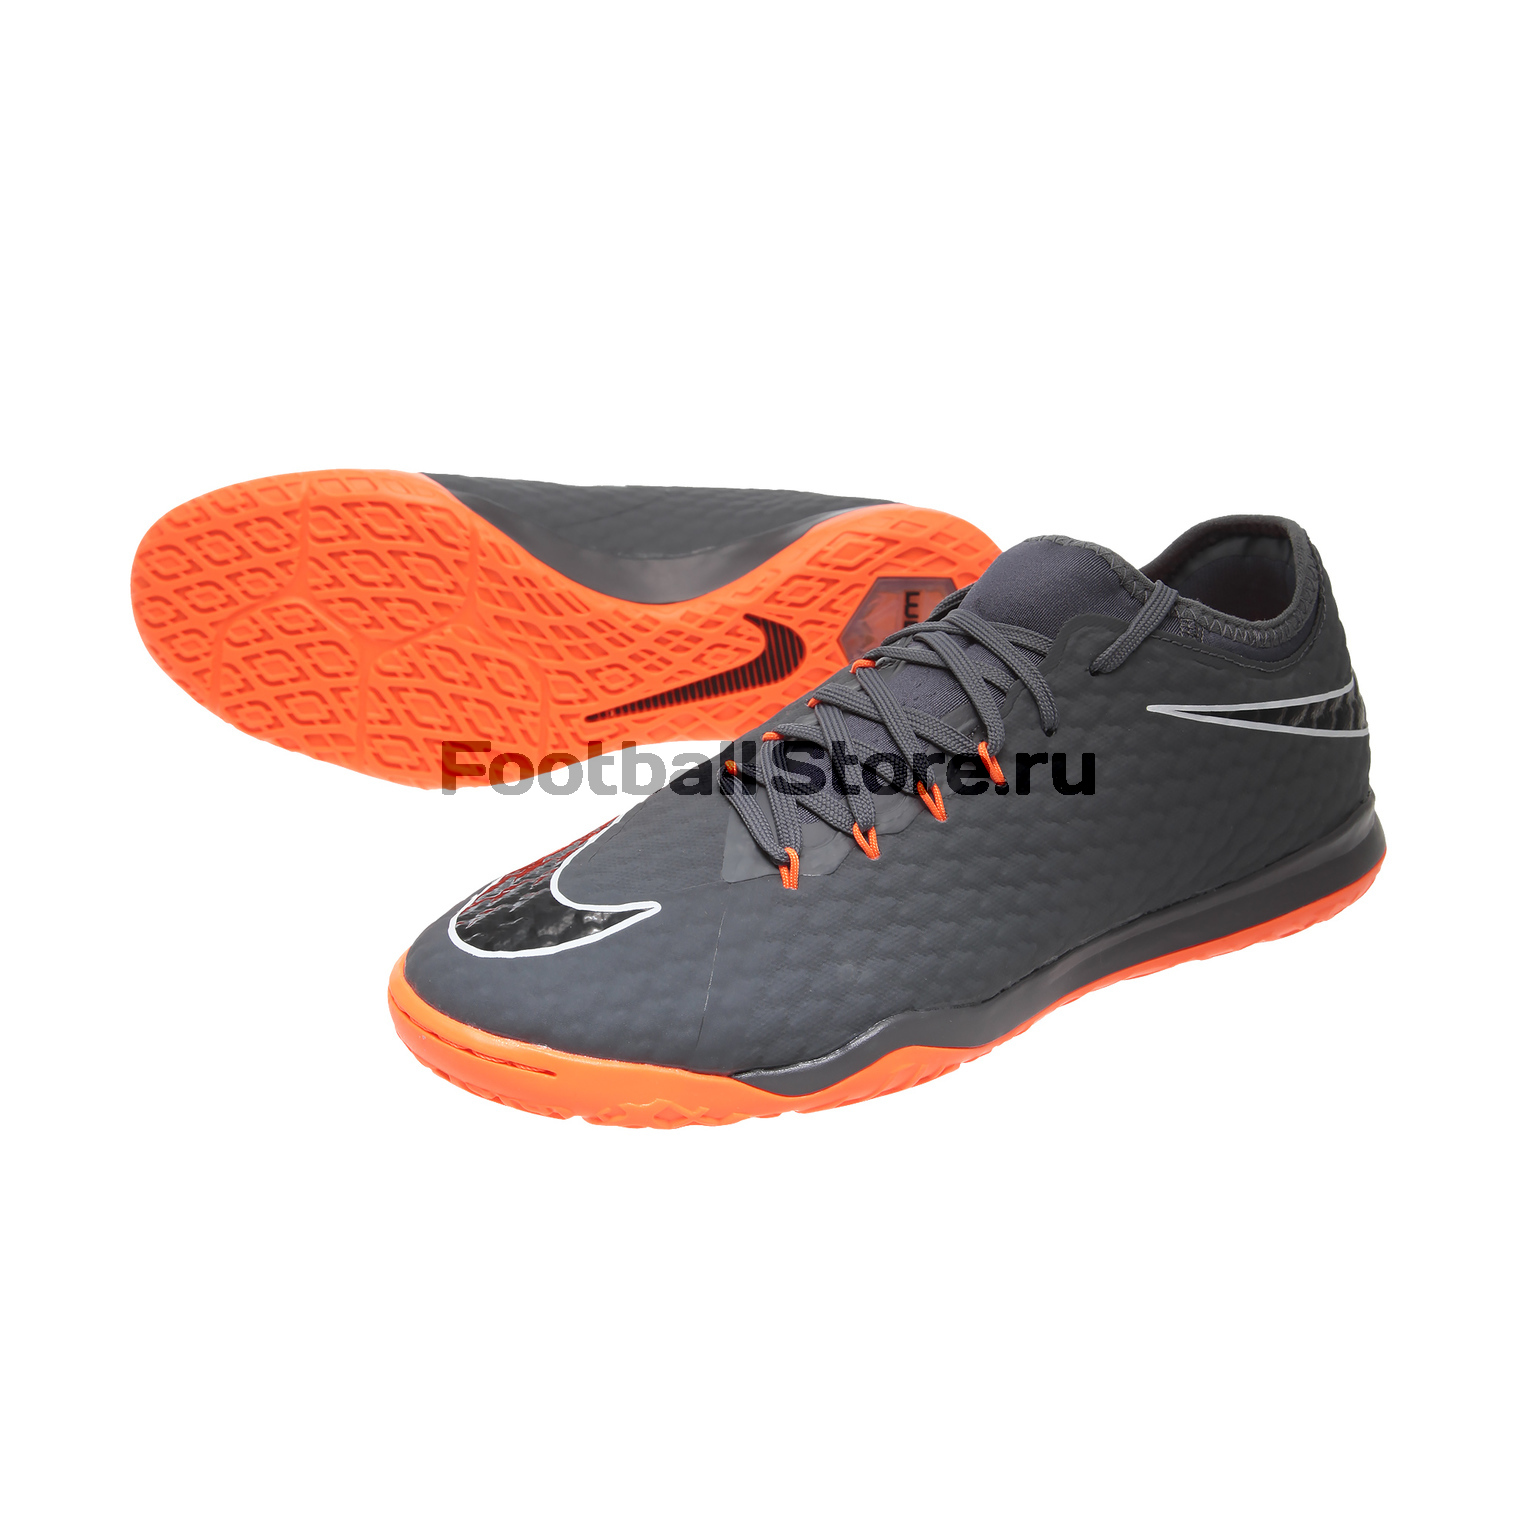 Обувь для зала Nike Обувь для зала Nike Zoom PhantomX 3 Pro IC AH7282-081 удлинитель zoom ecm 3